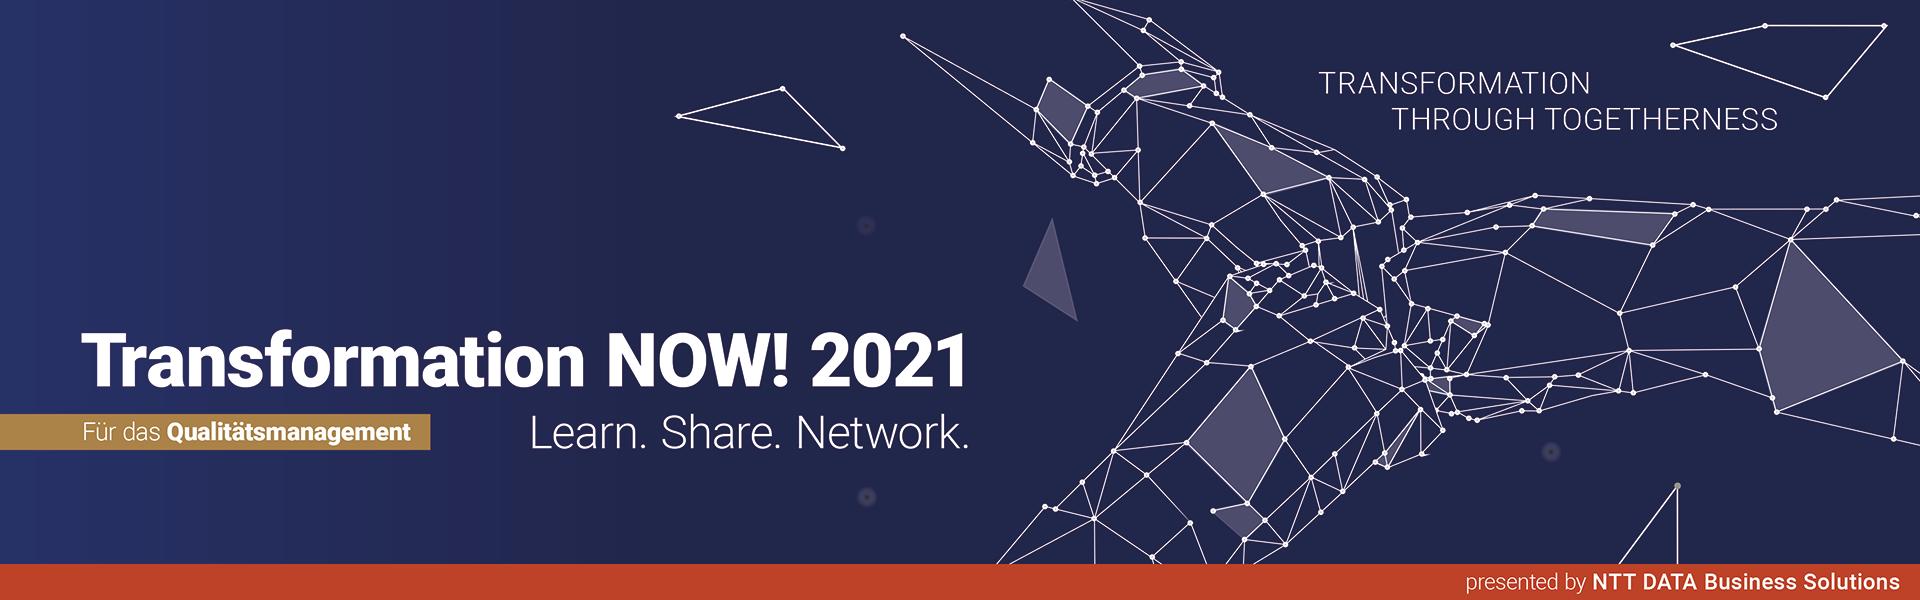 Transformation NOW! 2021 für das Qualitätsmanagement